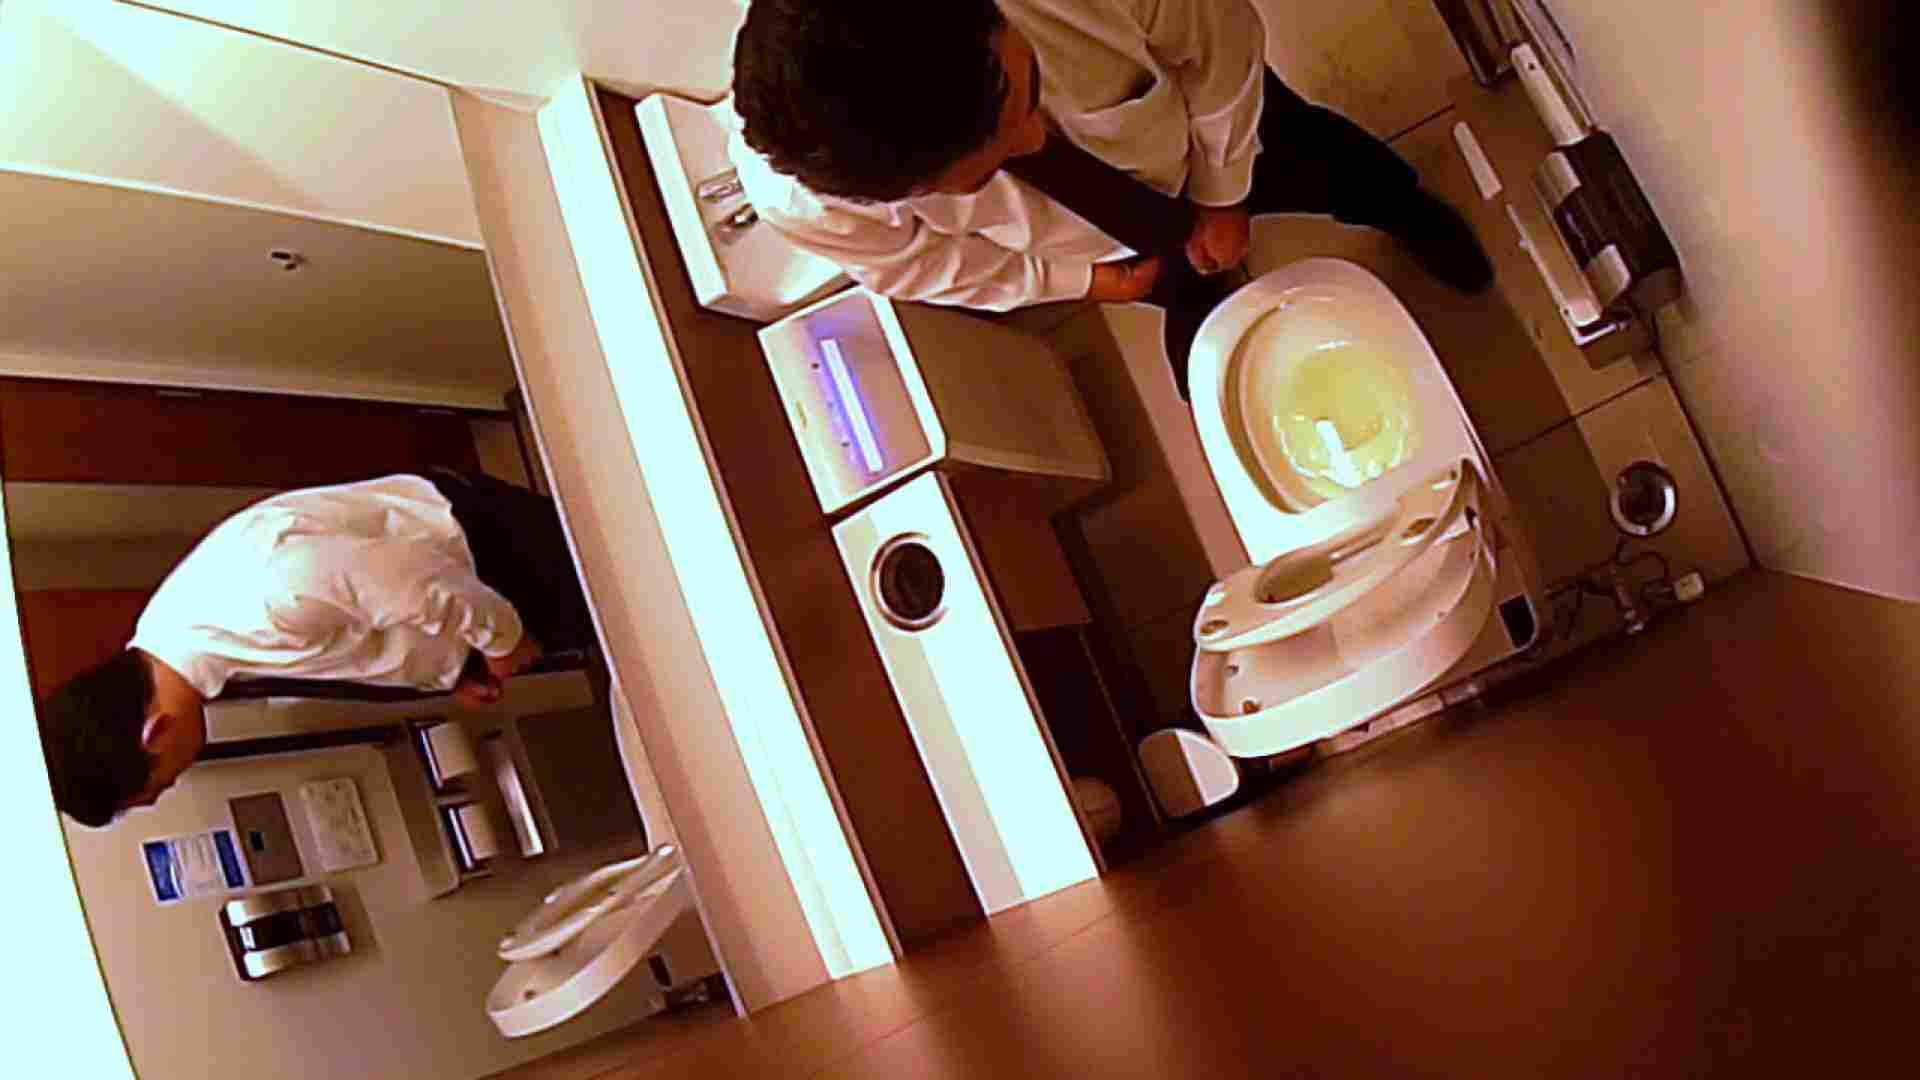 すみませんが覗かせてください Vol.31 トイレの中 | 0  11画像 7